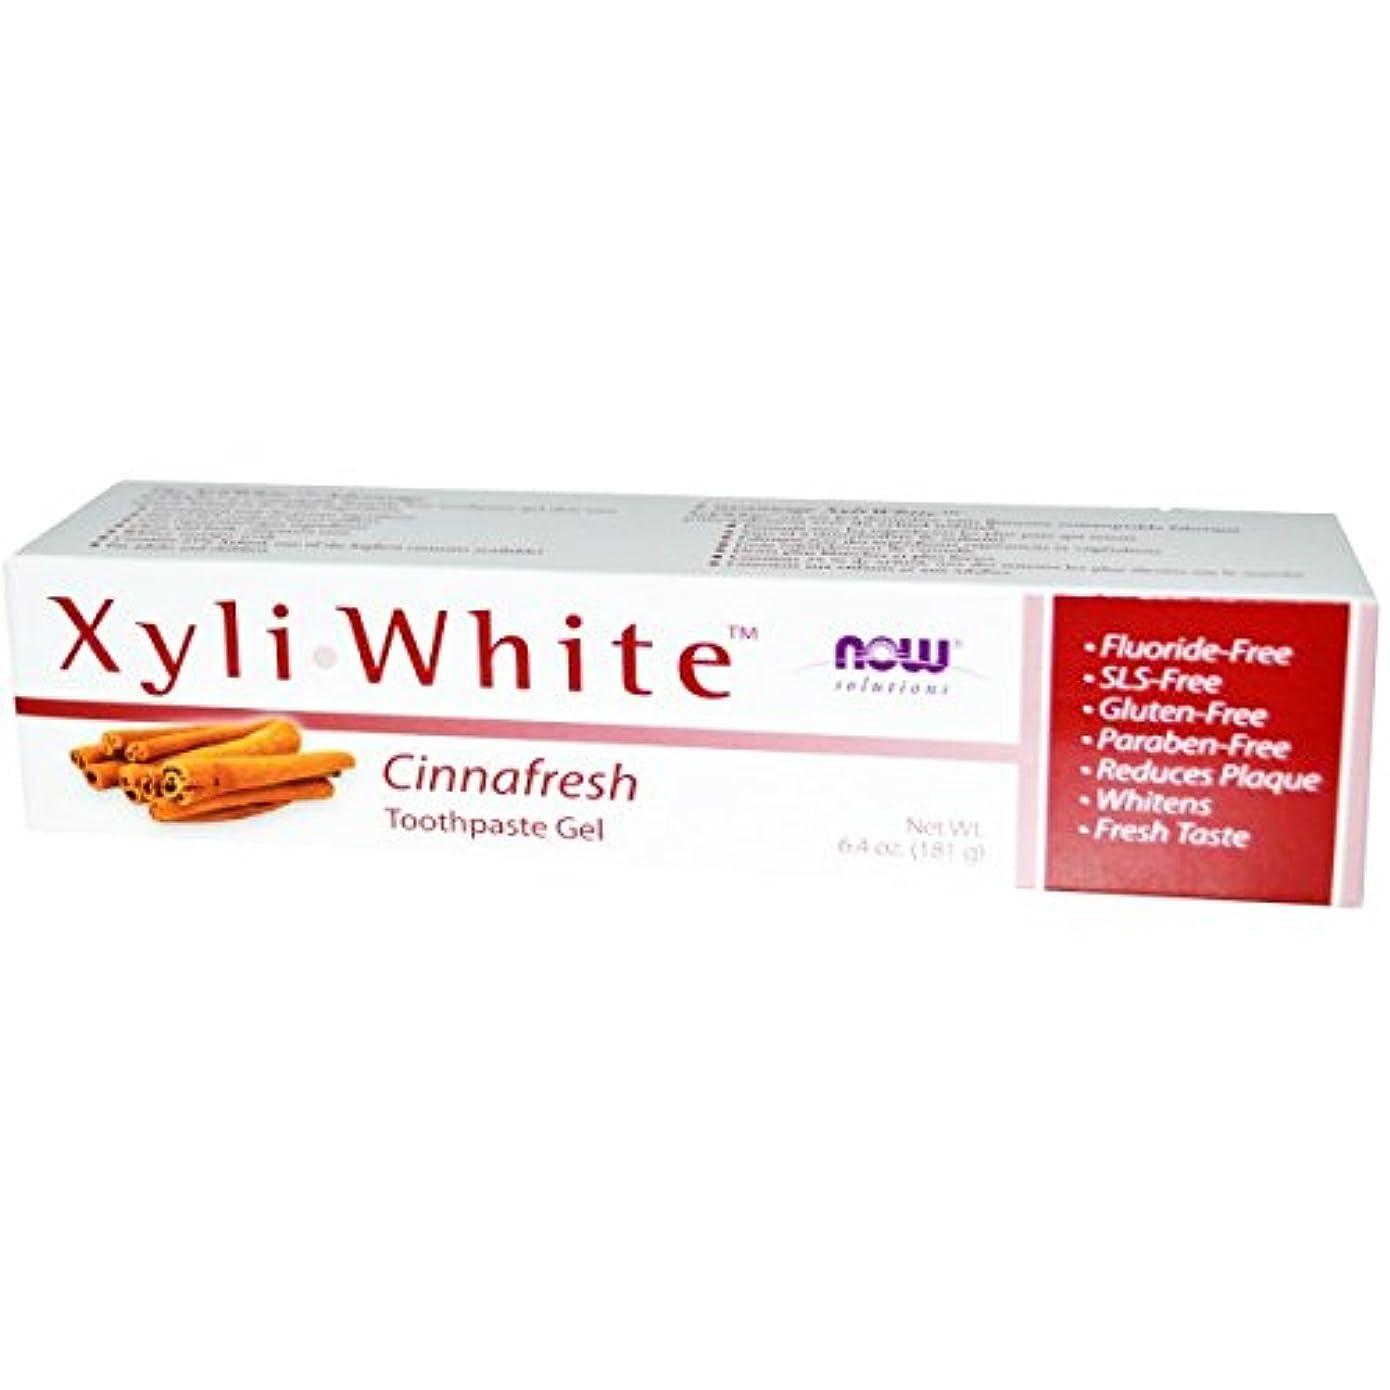 永遠の吸収するストレスの多い[海外直送品] ナウフーズ(Now Foods) キシリホワイト トゥースペースト(シナフレッシュ) 181g